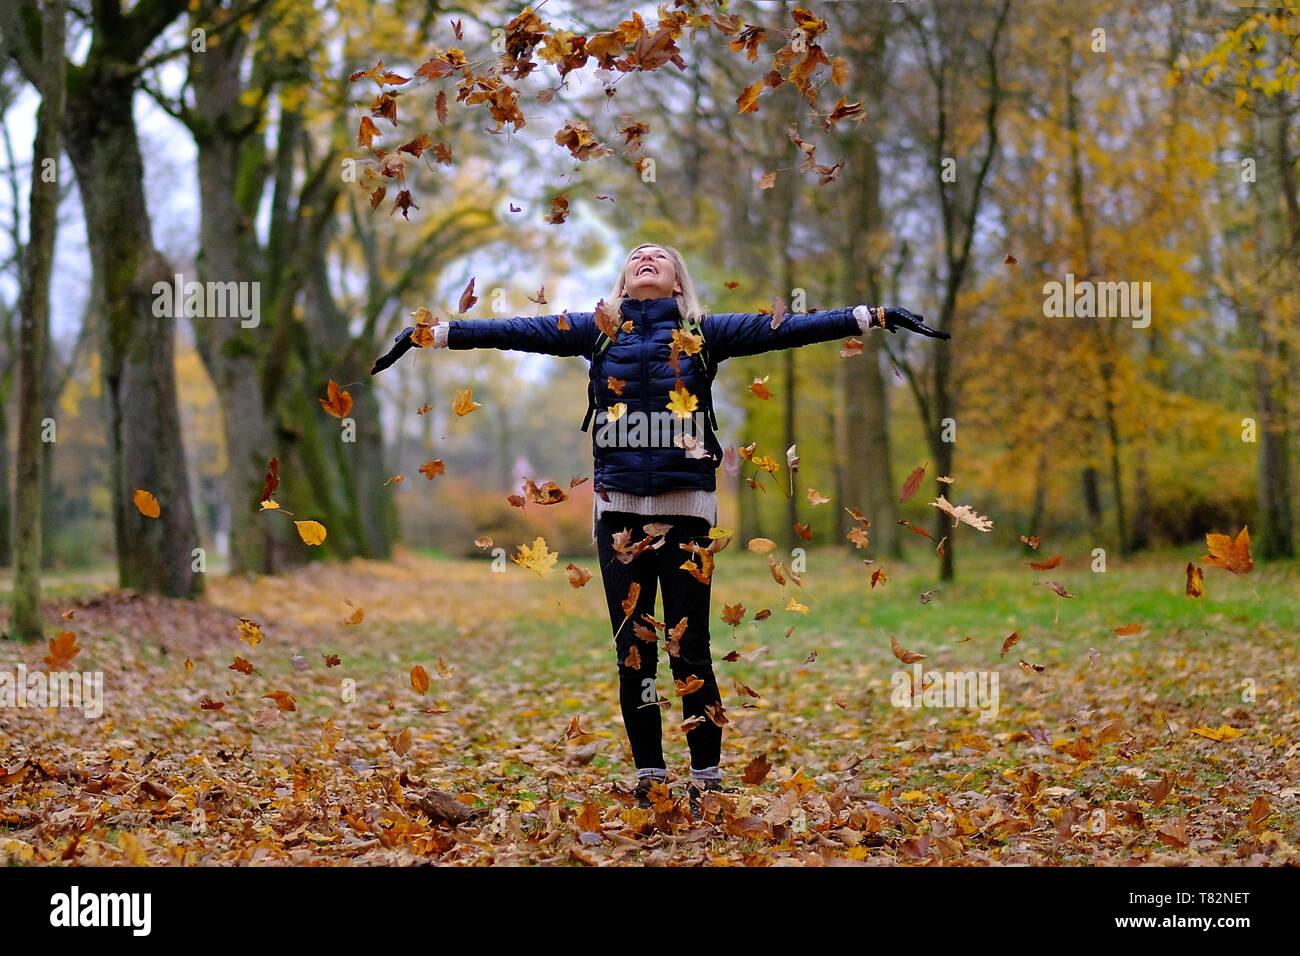 Junge Frau werfen bunte Blätter im Herbst in der Luft Stockbild